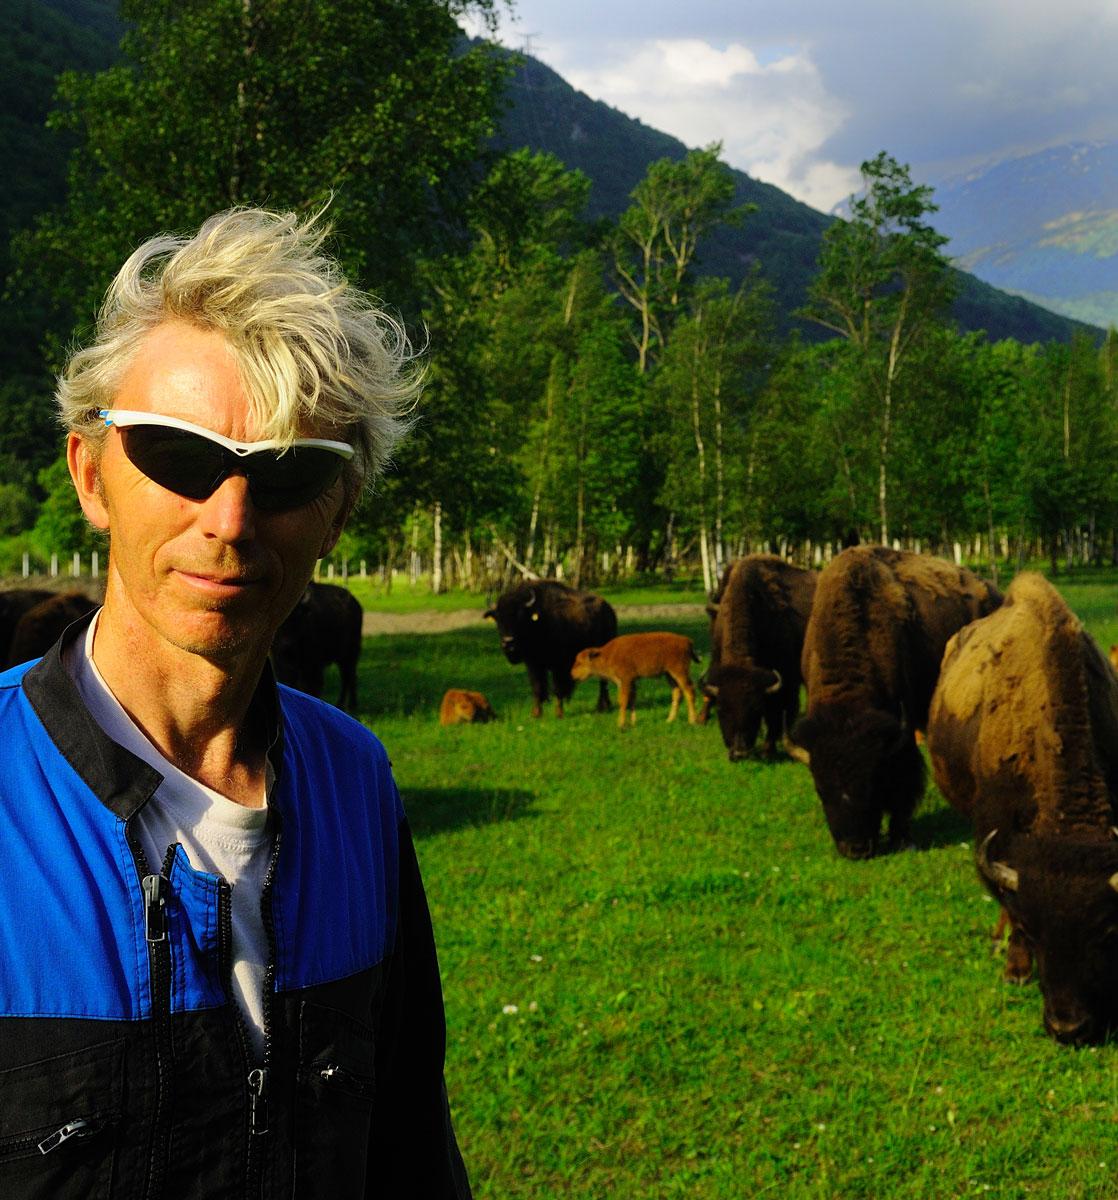 La Ferme des Bisons de l'Oisans – Éleveur de bisons et agneaux – Ferme découverte (1)